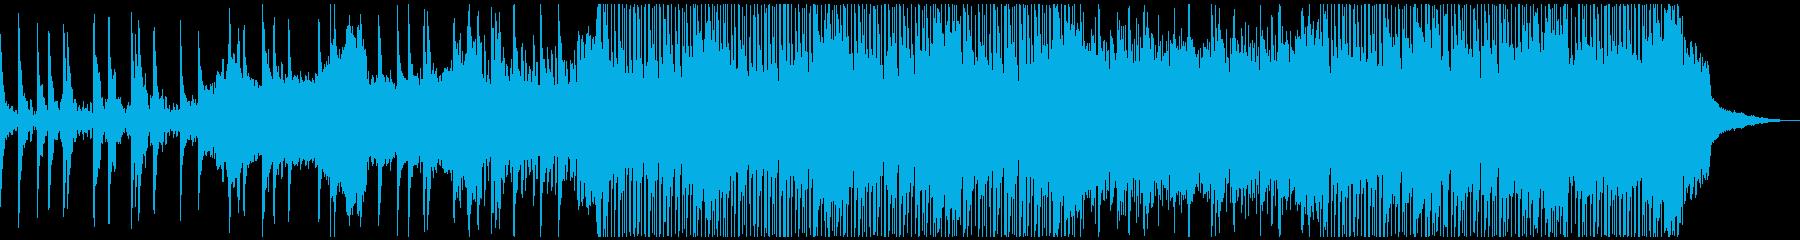 電気研究所奇妙な催眠ロボット。ハイ...の再生済みの波形